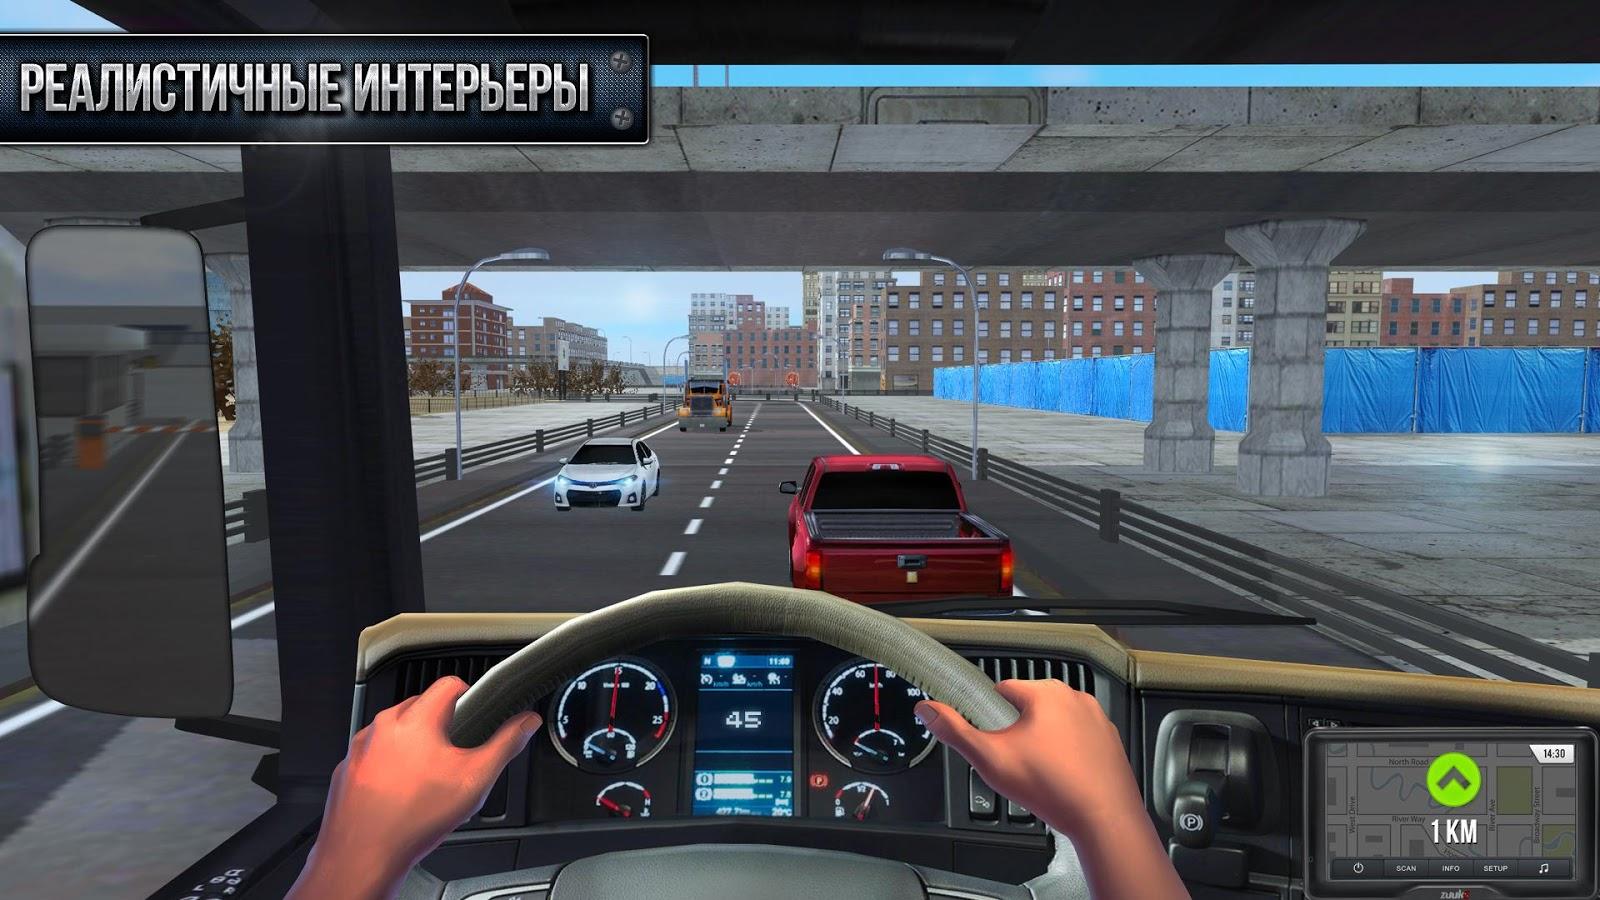 Скачать симулятор правил дорожного движения 2018